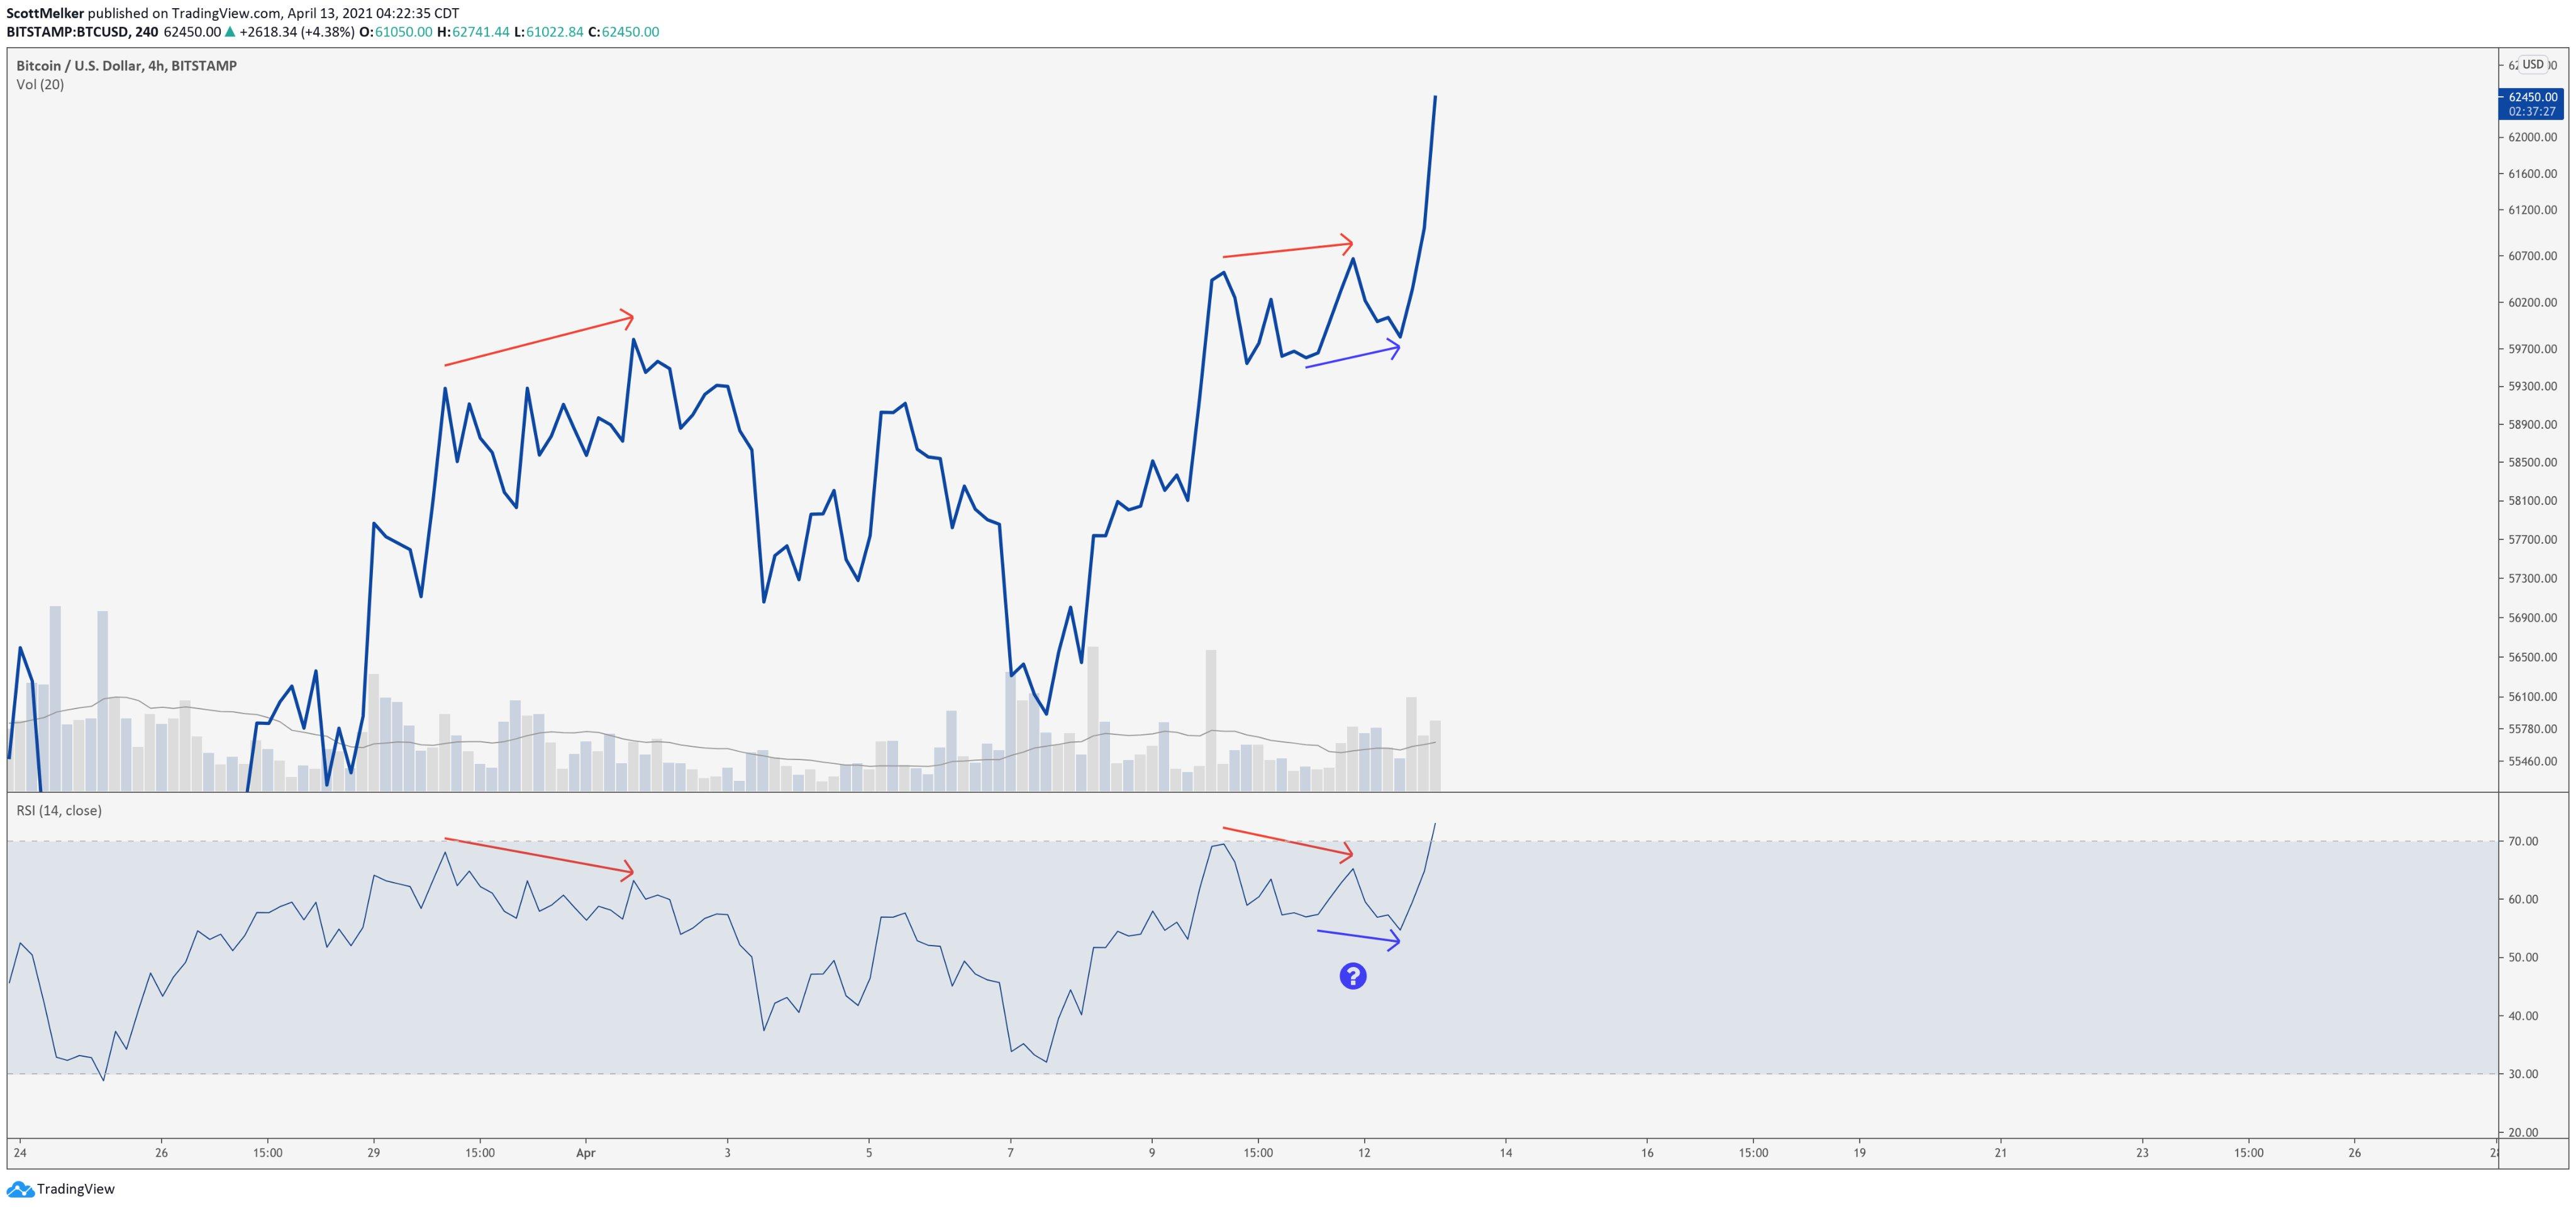 Grafico del prezzo di Bitcoin con divergenze